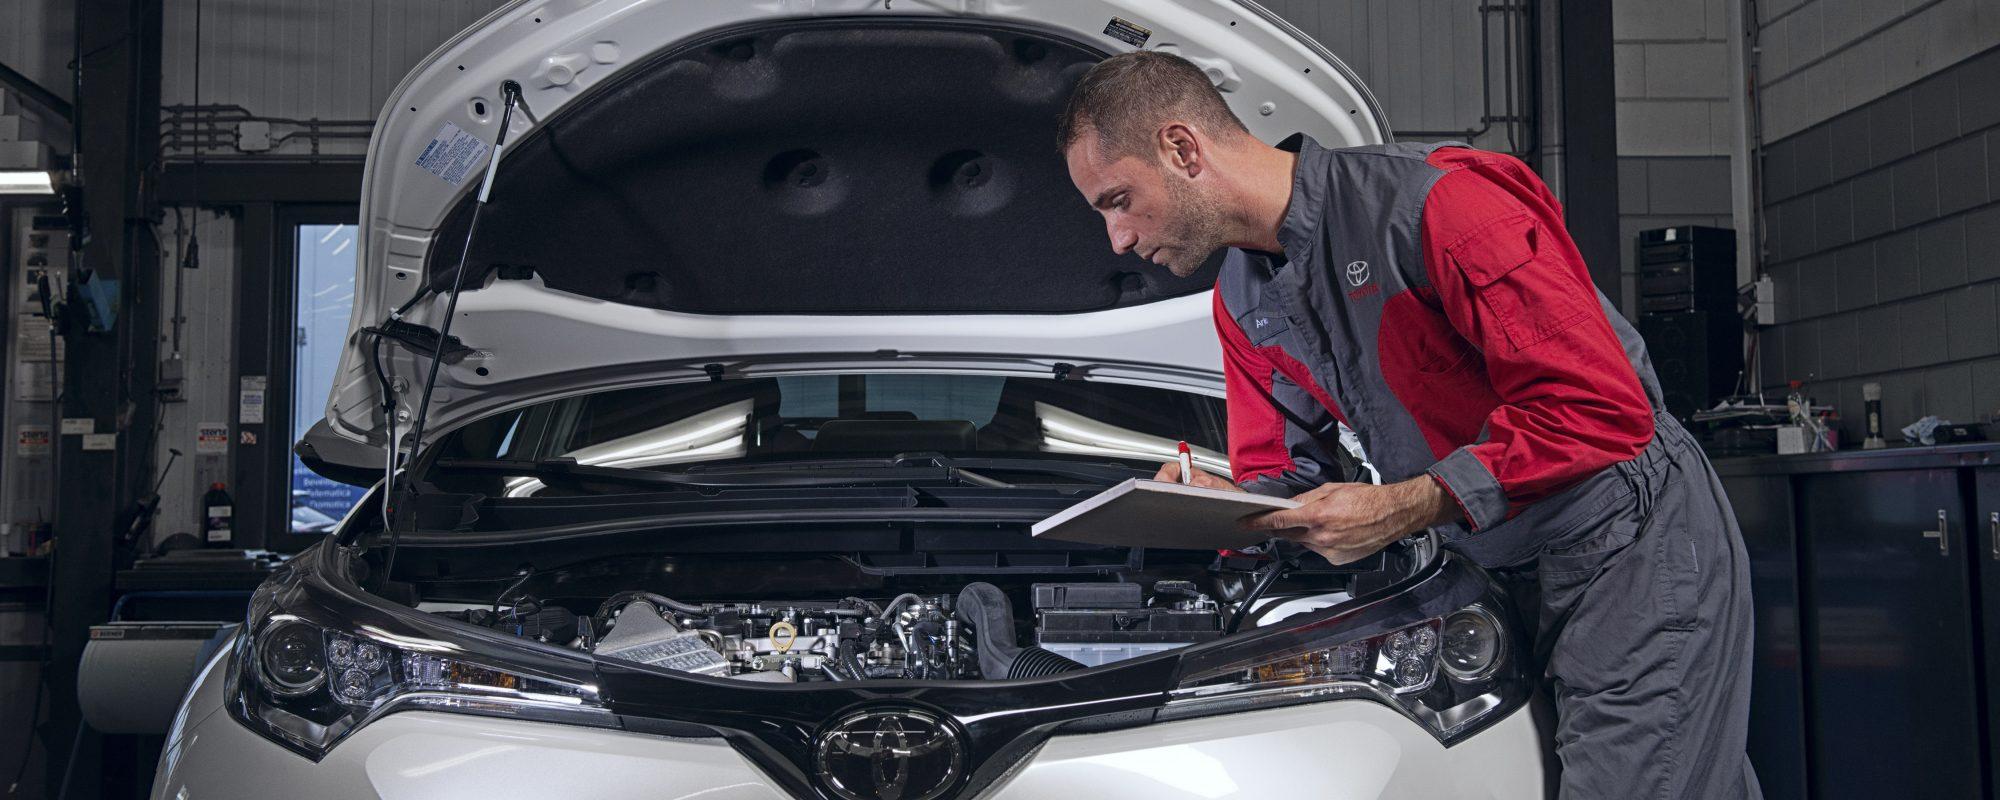 For the love of Toyota: Toyota Onderhoud op Maat